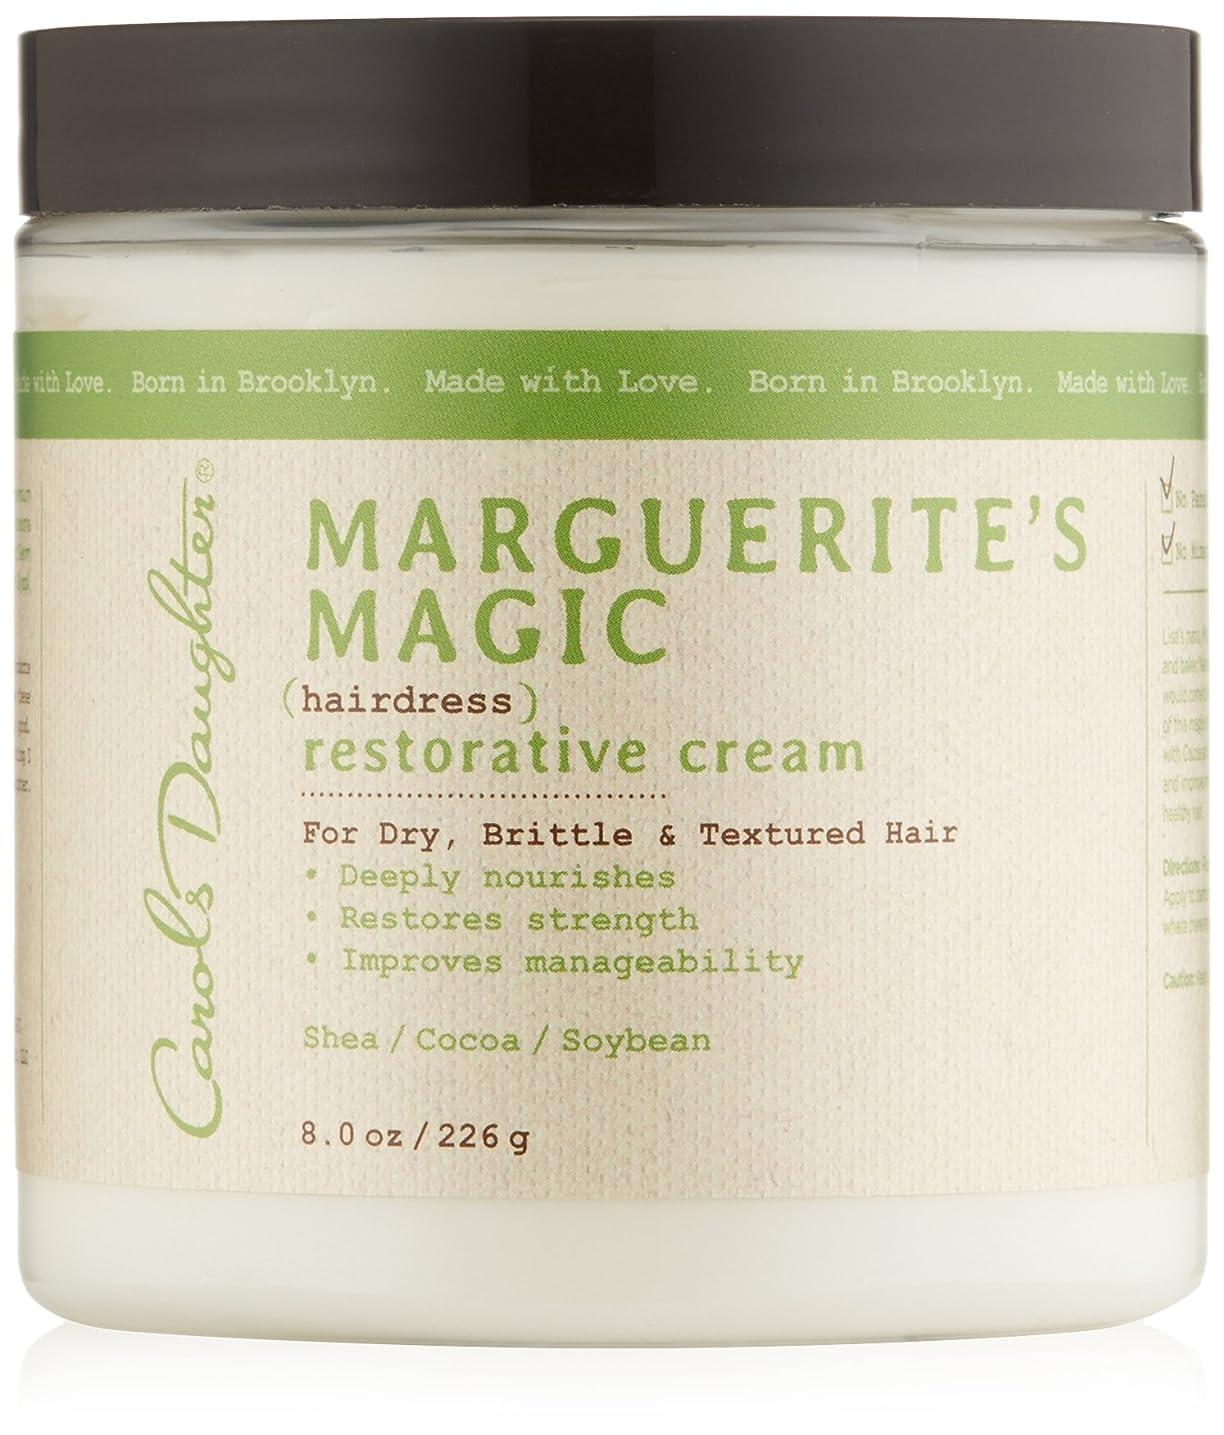 年金受給者許容電化するキャロルズドーター マルゲリーテス マジック ヘアドレス リストレーティブ クリーム (乾燥して切れやすい髪用) 226g/8oz